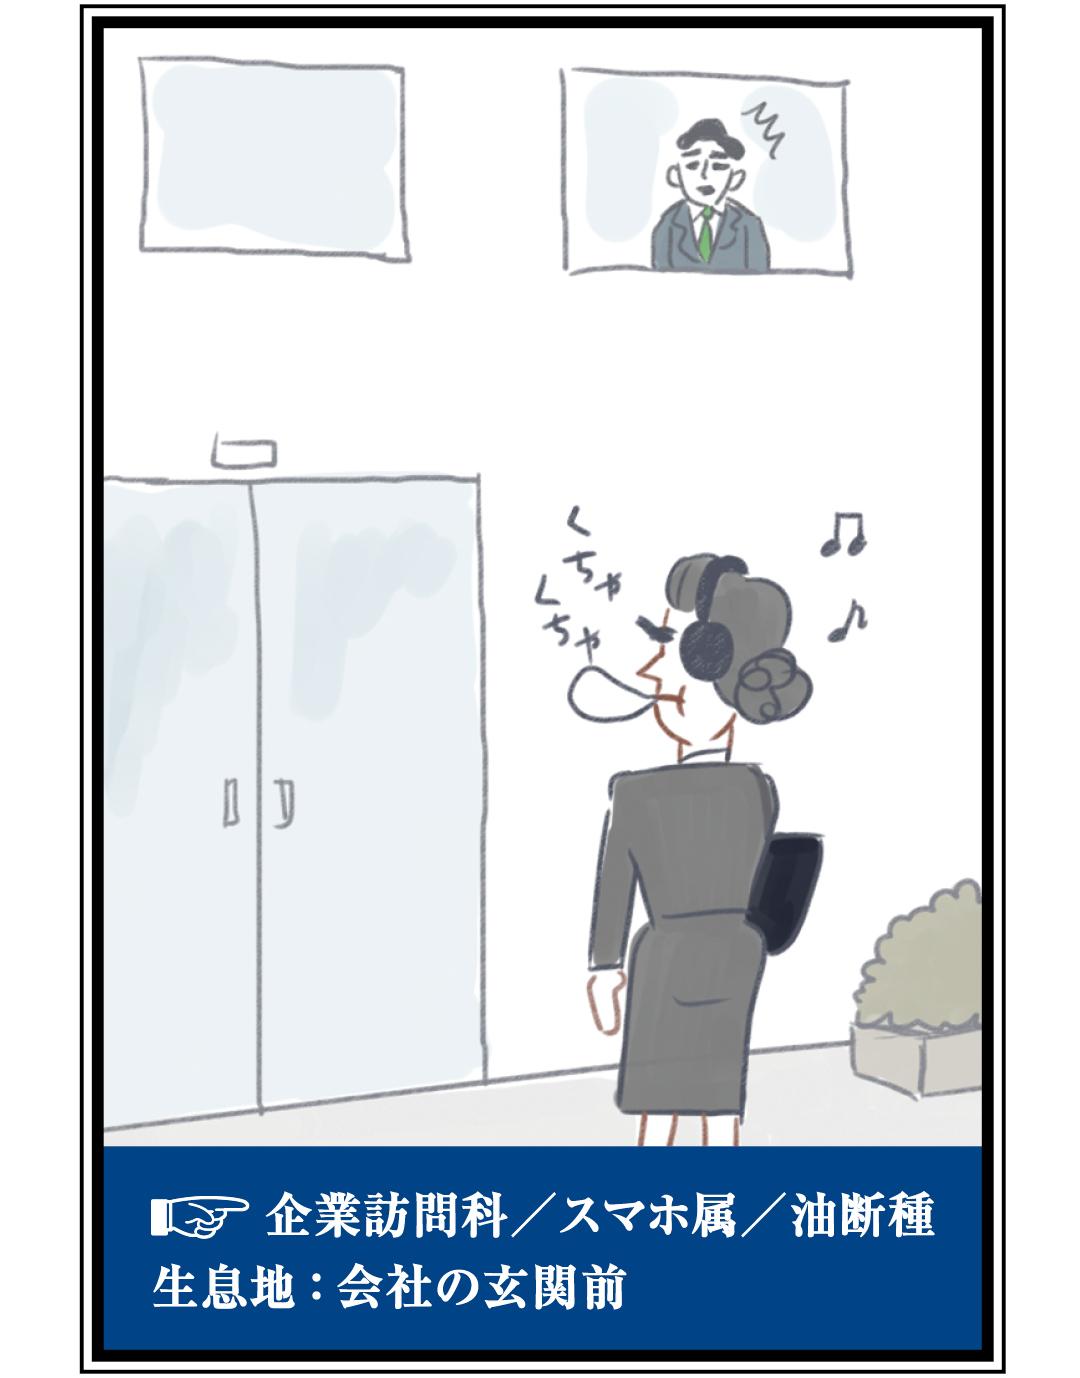 残念な就活生図鑑★ リアルNG集&プロのアドバイスつき!_1_4